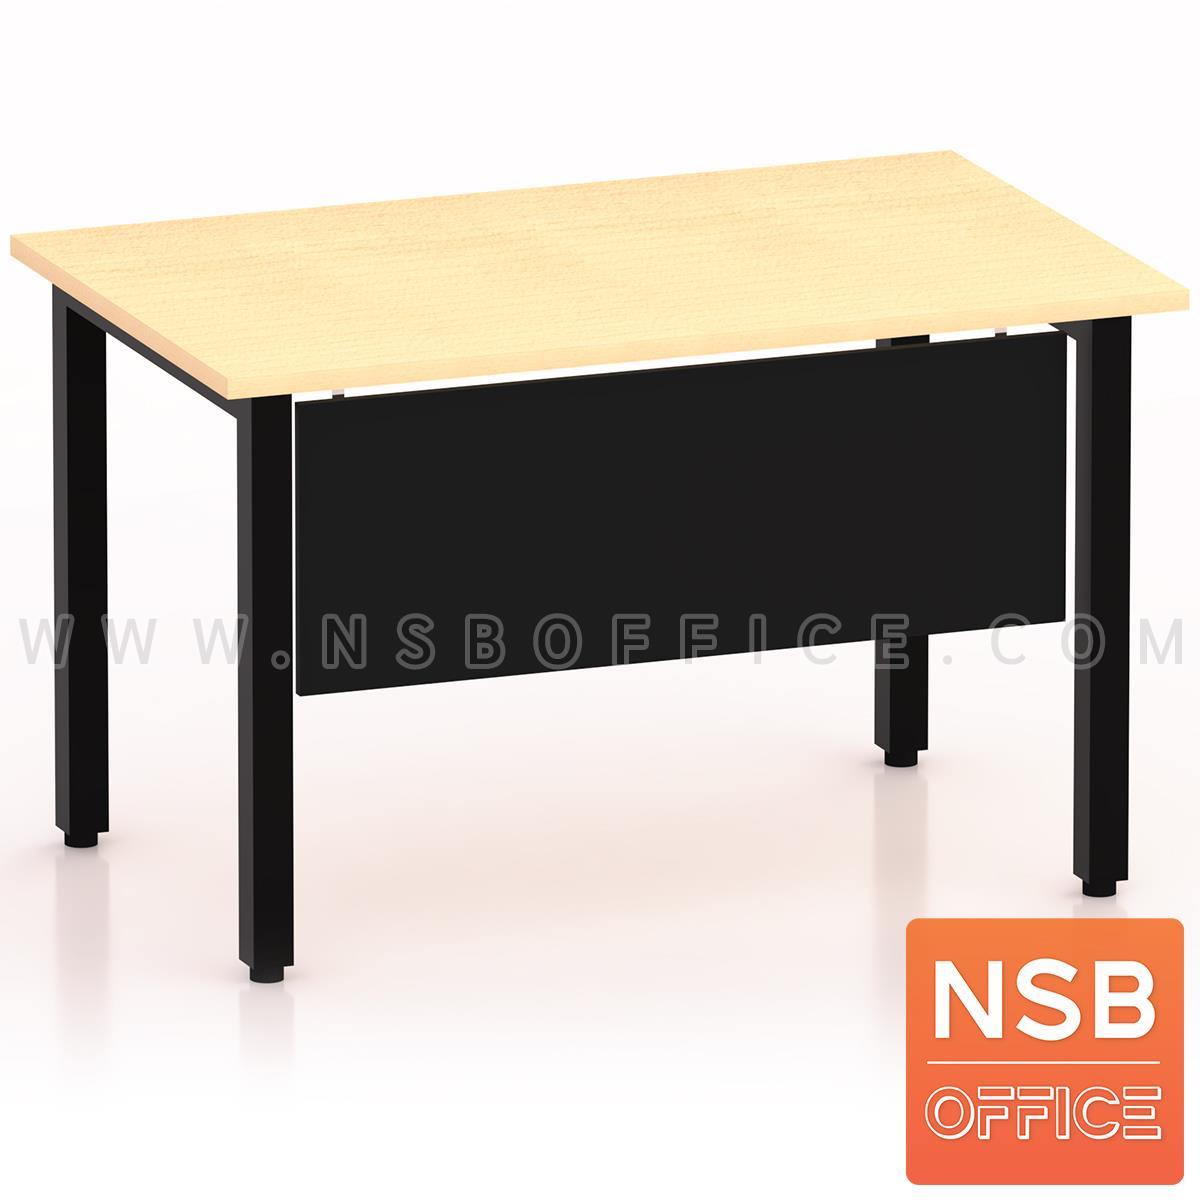 A18A061:โต๊ะทำงาน บังโป๊ไม้  ขนาด 120W ,135W ,150W ,180W cm.  ขาเหล็กเหลี่ยมทำสี